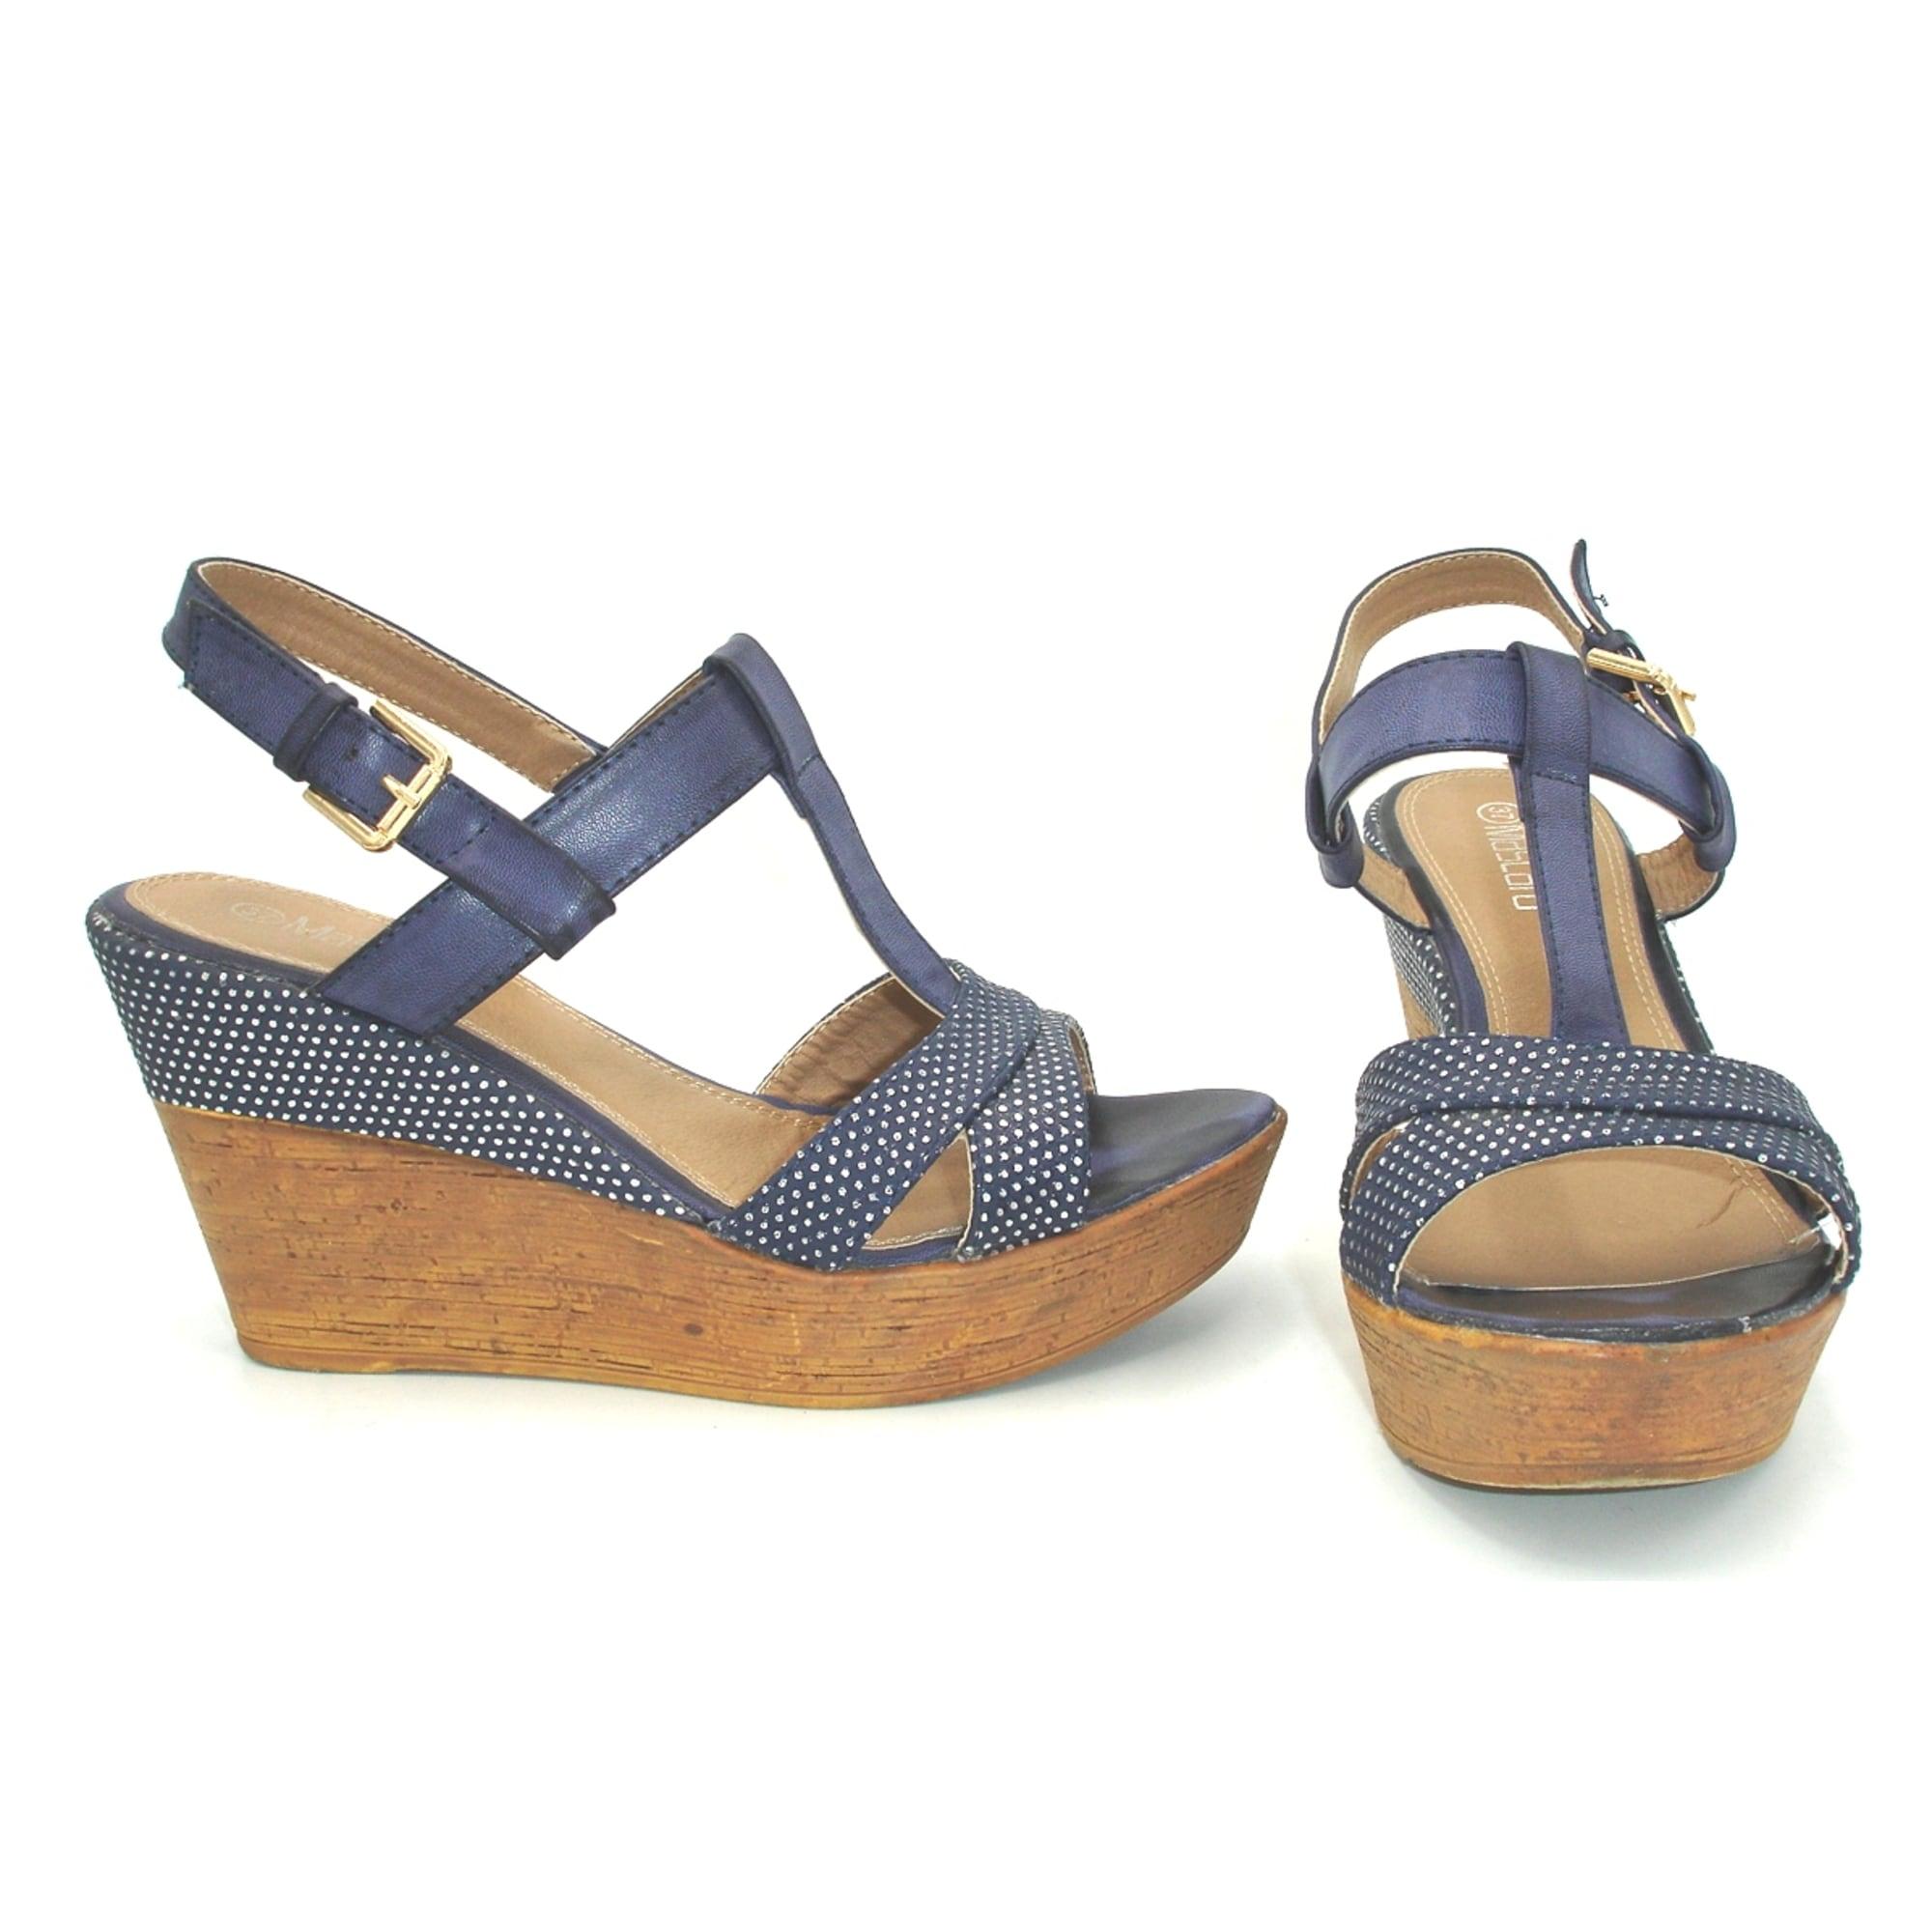 Sandales Sandales Compensées Compensées Mascara Sandales Mascara 0k8wOPXn